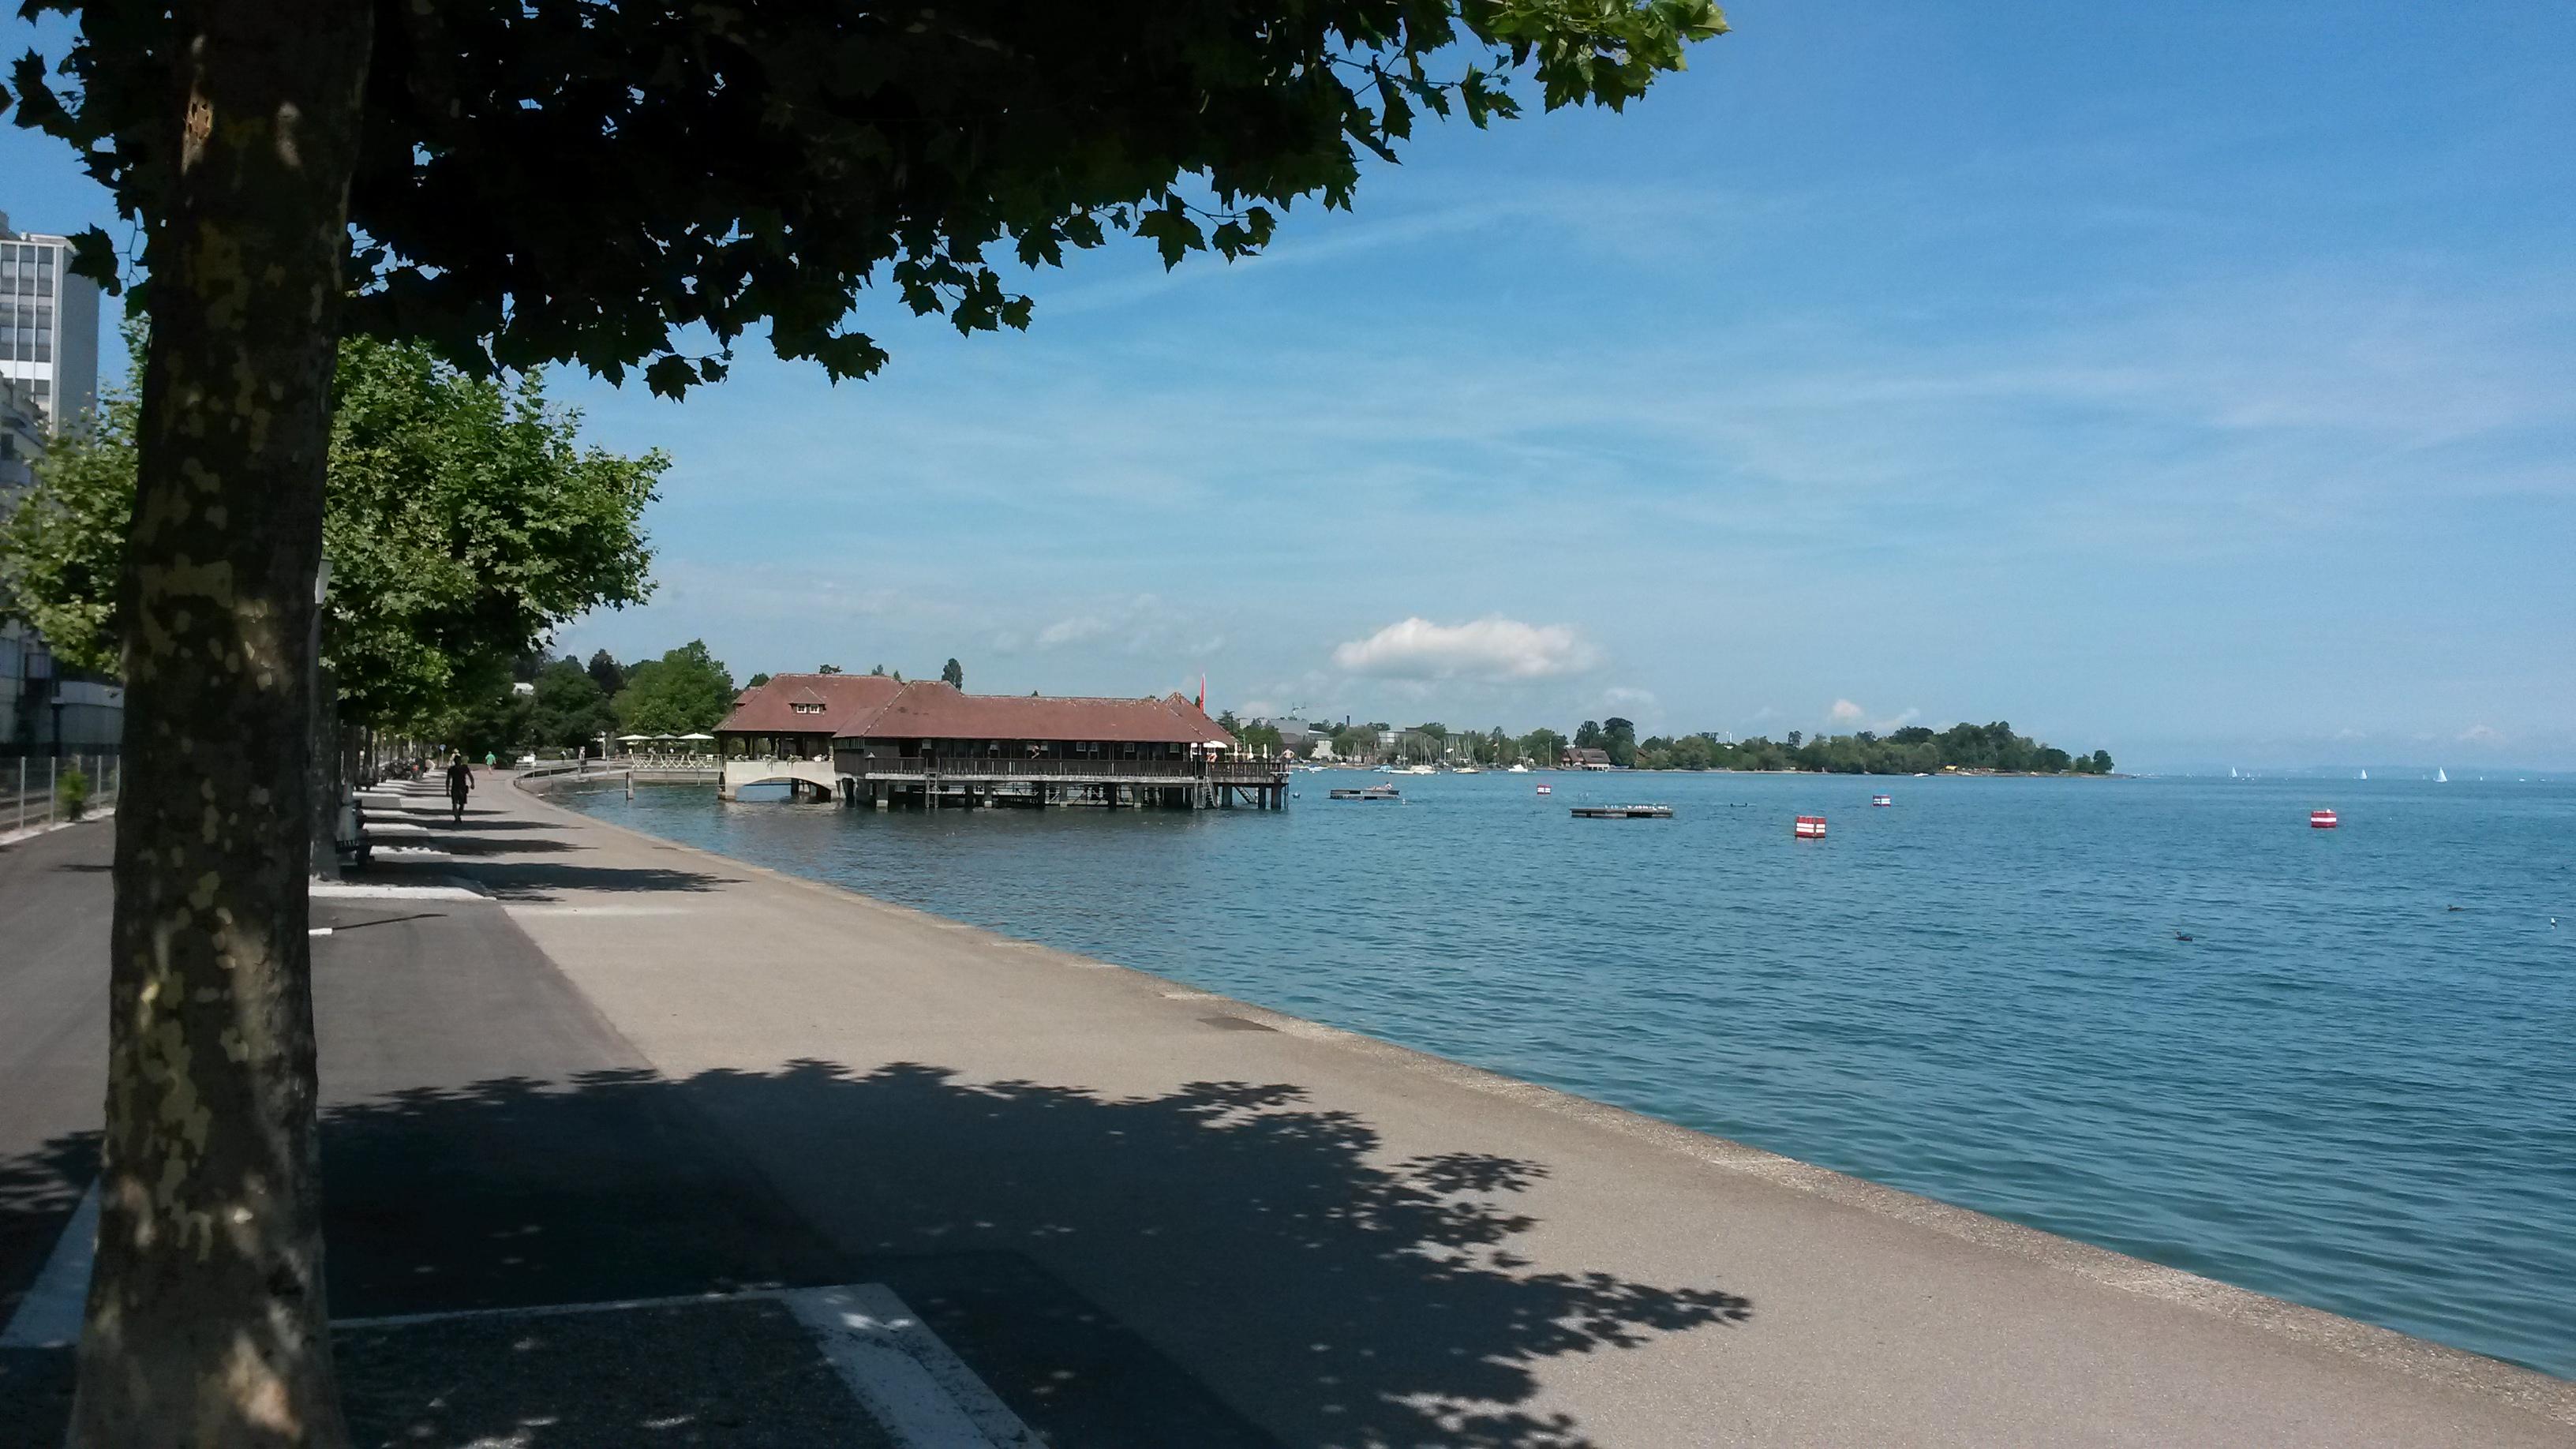 Établissement de bain sur le lac